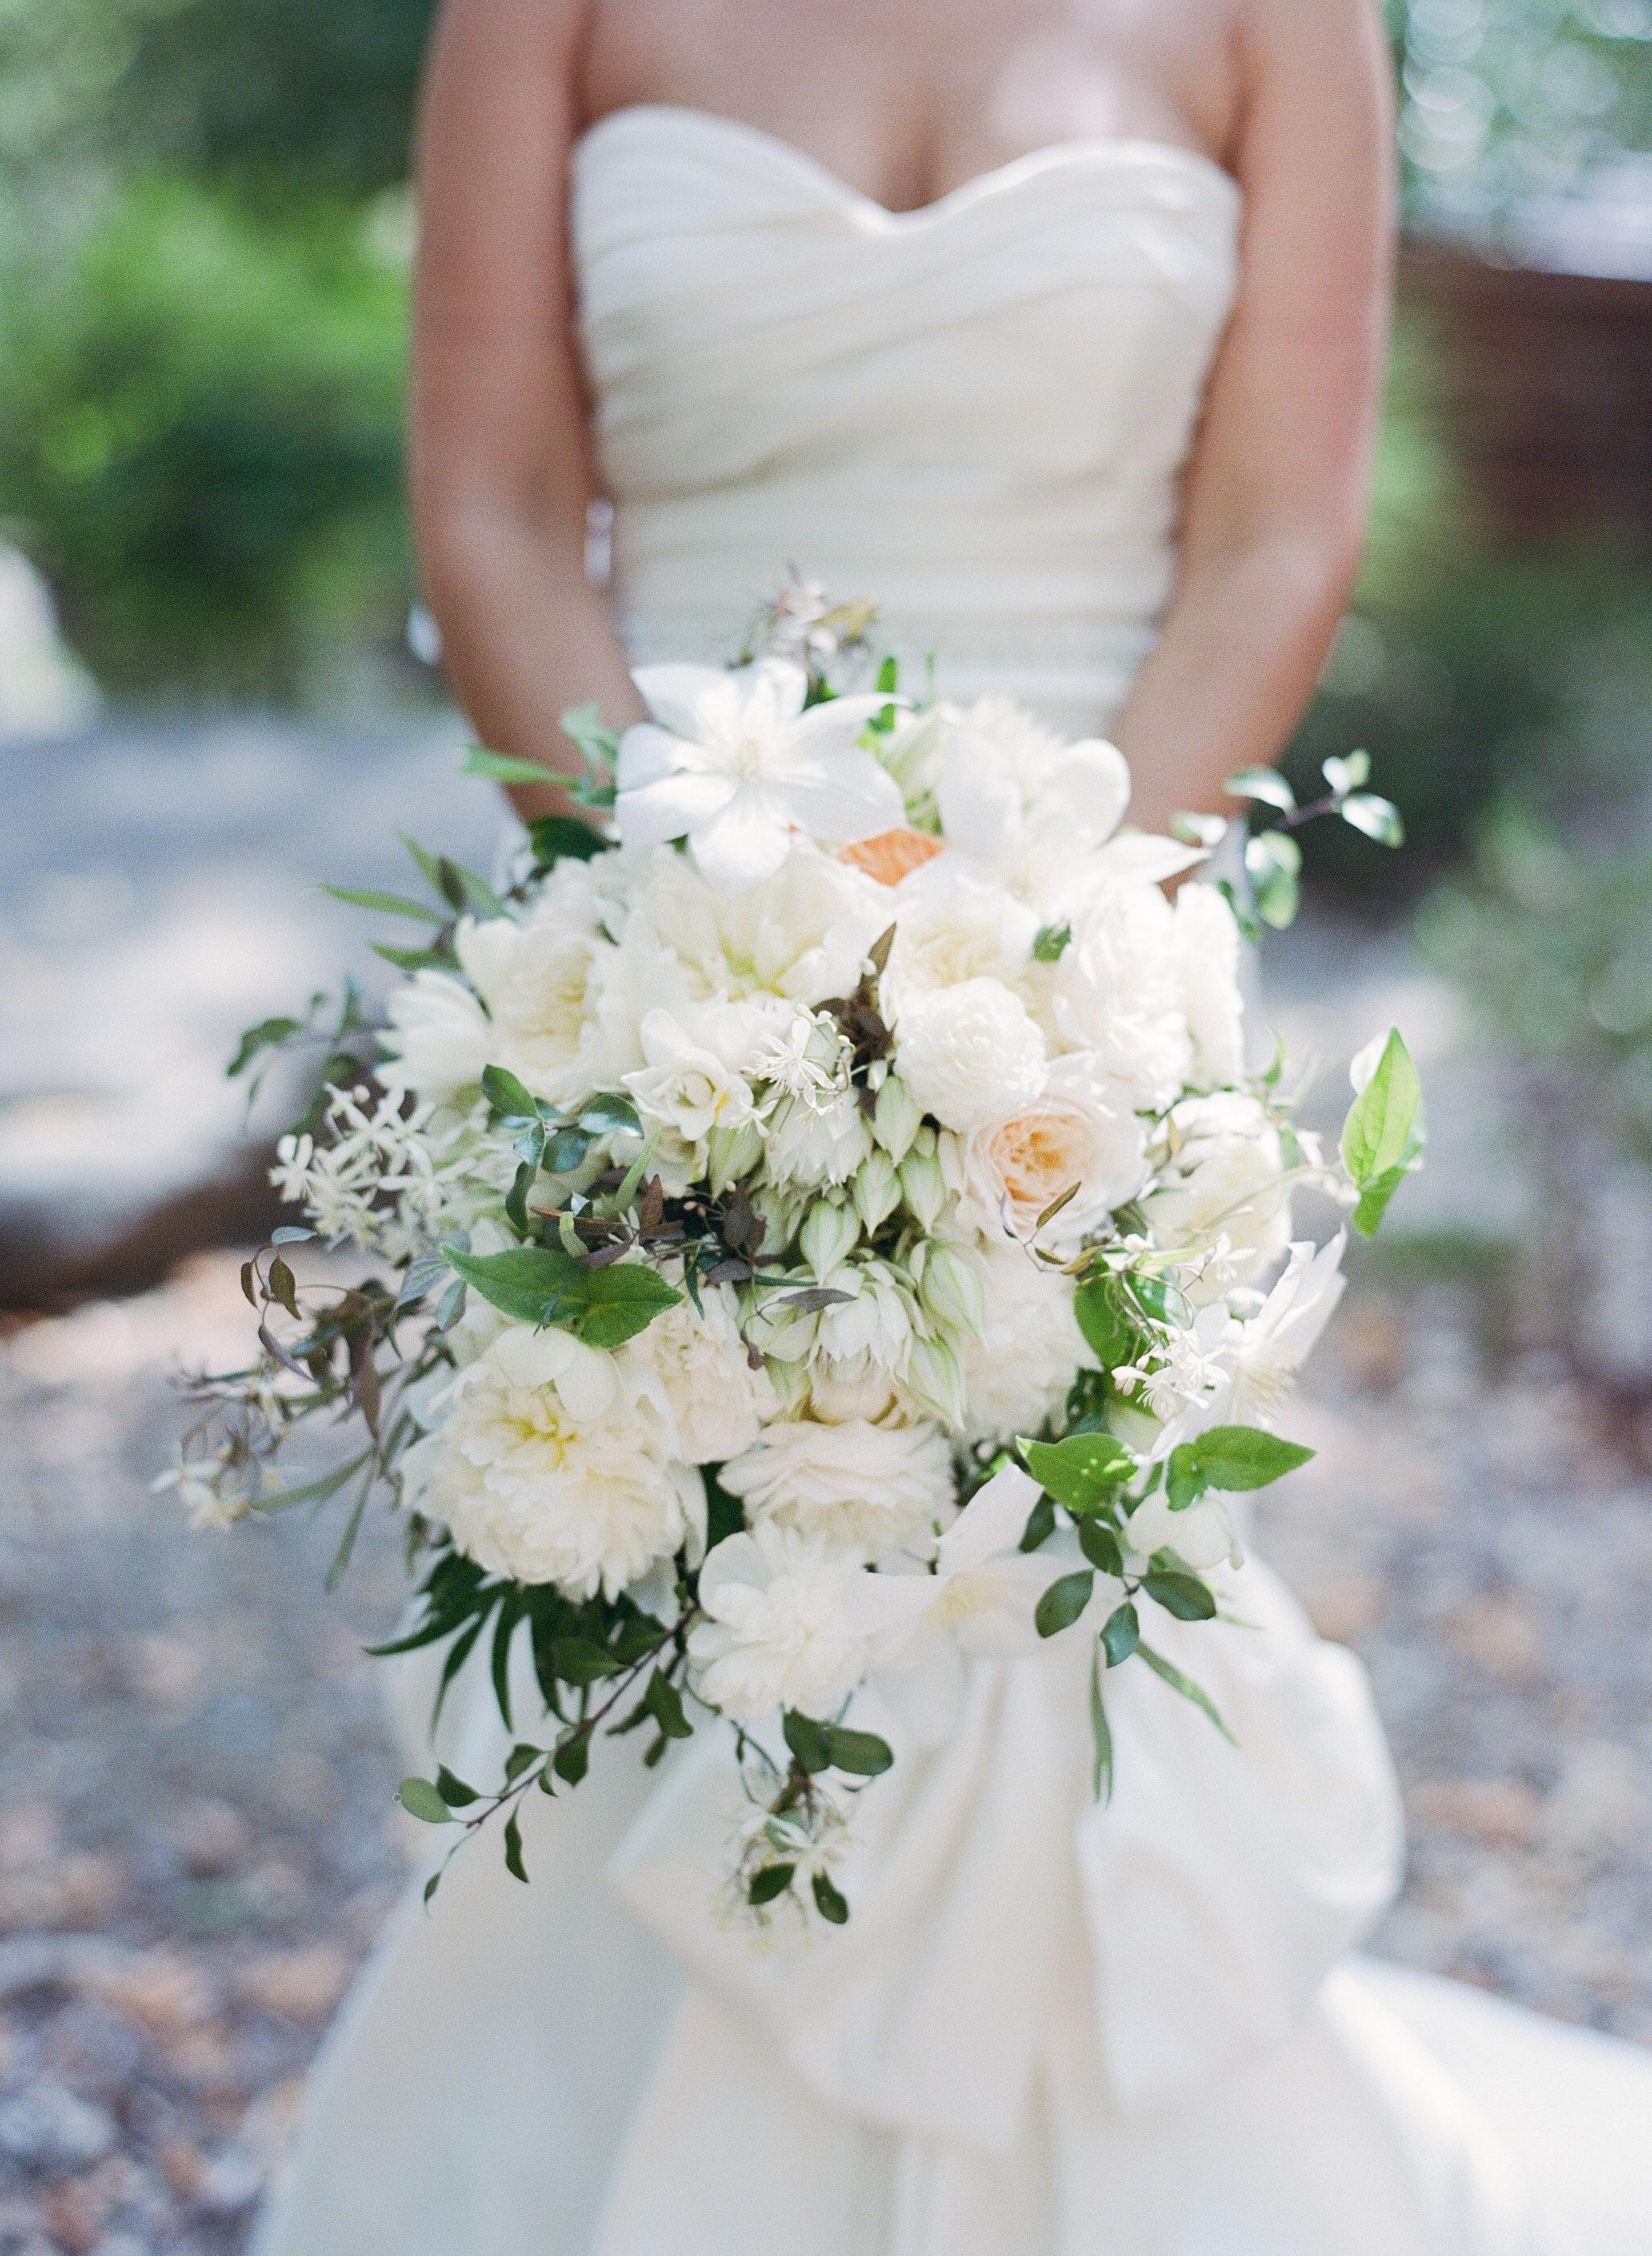 SylvieGil-Bride, Ceremony, Family, film, Groom, Napa, Reception, Wedding, Wedding Party-13.jpg